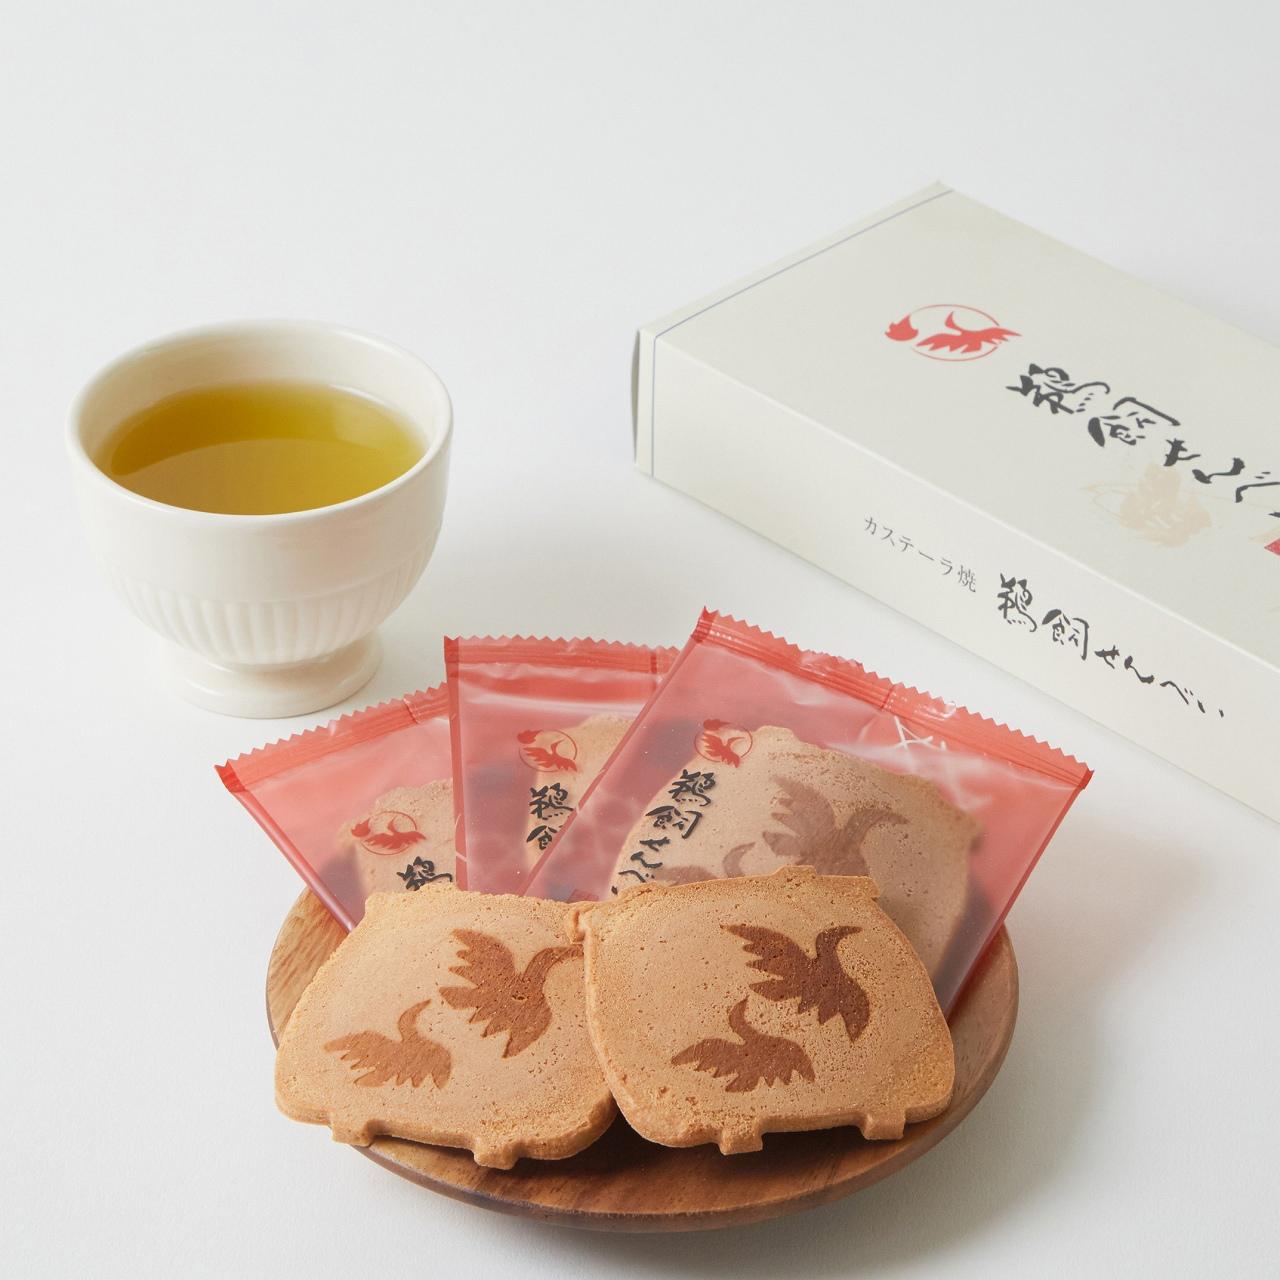 【鵜飼せんべい:12枚】岐阜県産の新鮮素材にこだわった、伝統のかすてら焼き【皇室献上菓子】